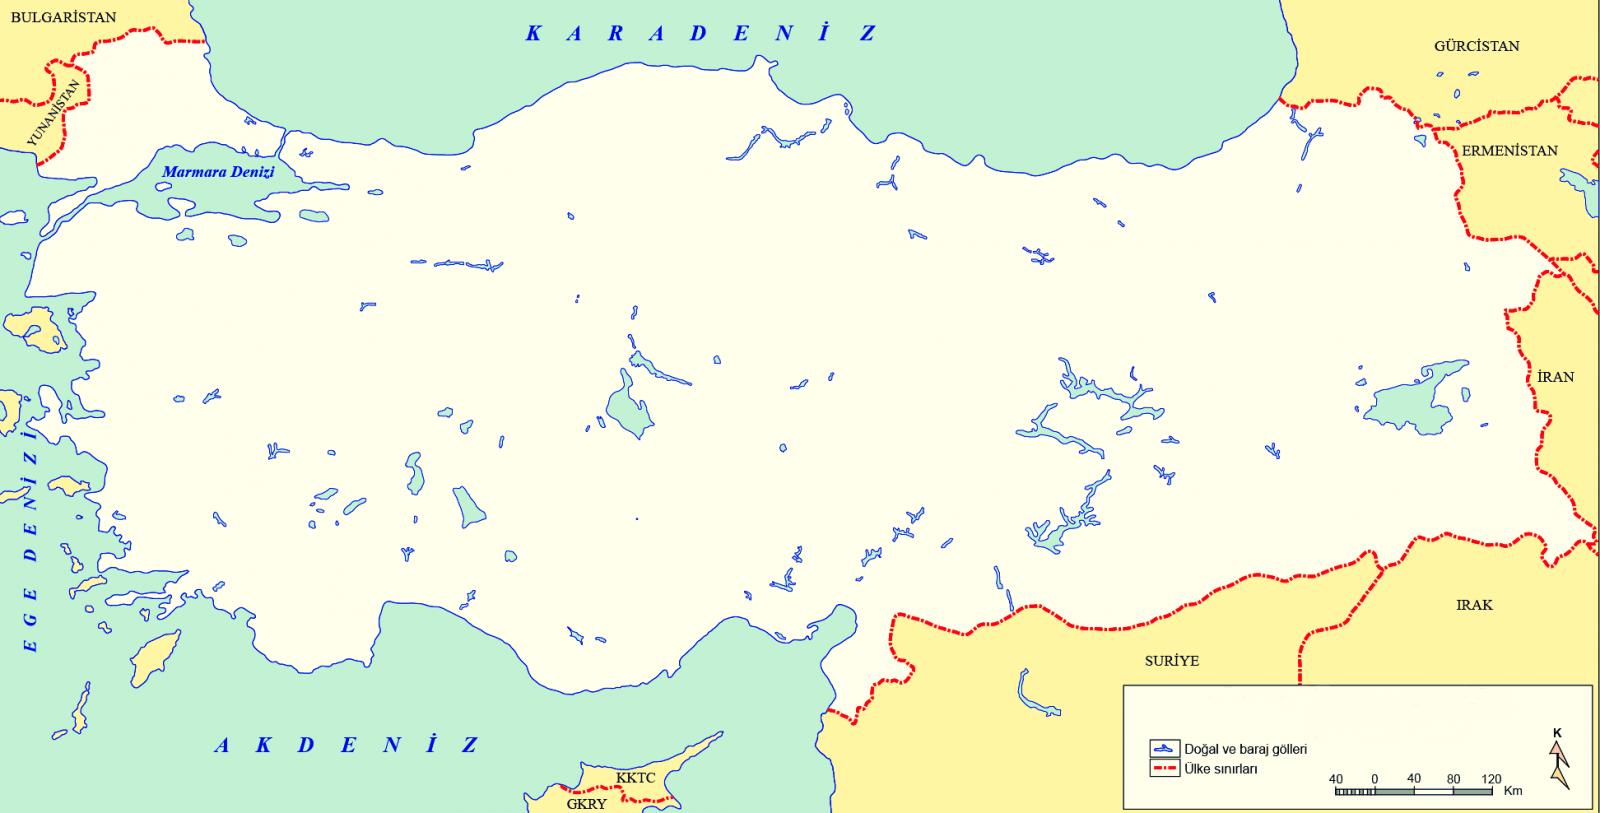 ilginc - Denizlerin İsimleri NEreden Gelir - Akdeniz ve Karadeniz İsimleri Nereden Gelir?